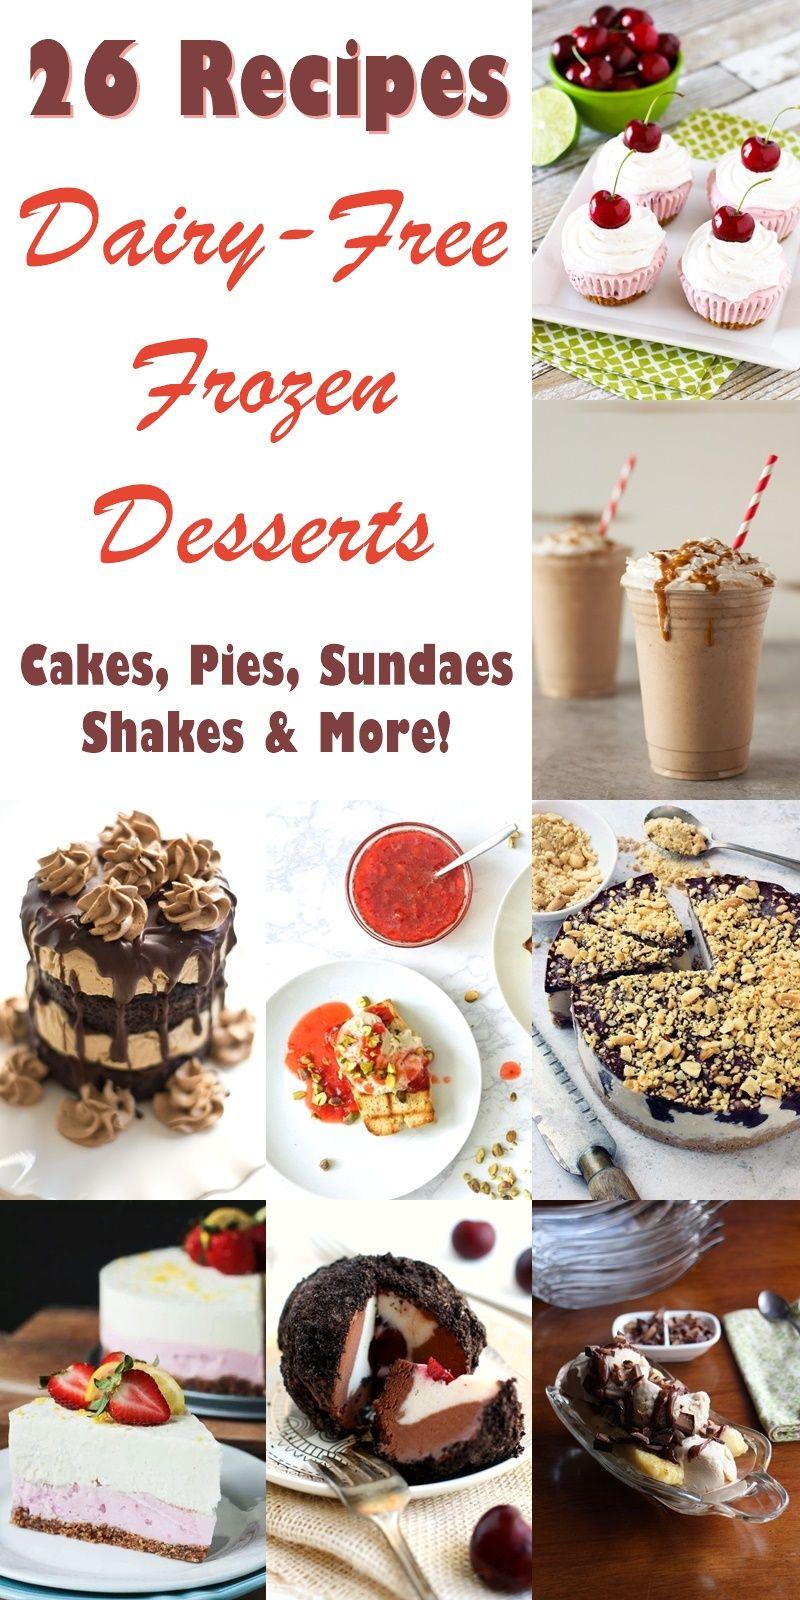 Dairy Free Frozen Dessert Recipes 26 Crowd Pleasing Treats Dessert Recipes Frozen Dessert Recipe Dairy Free Dessert